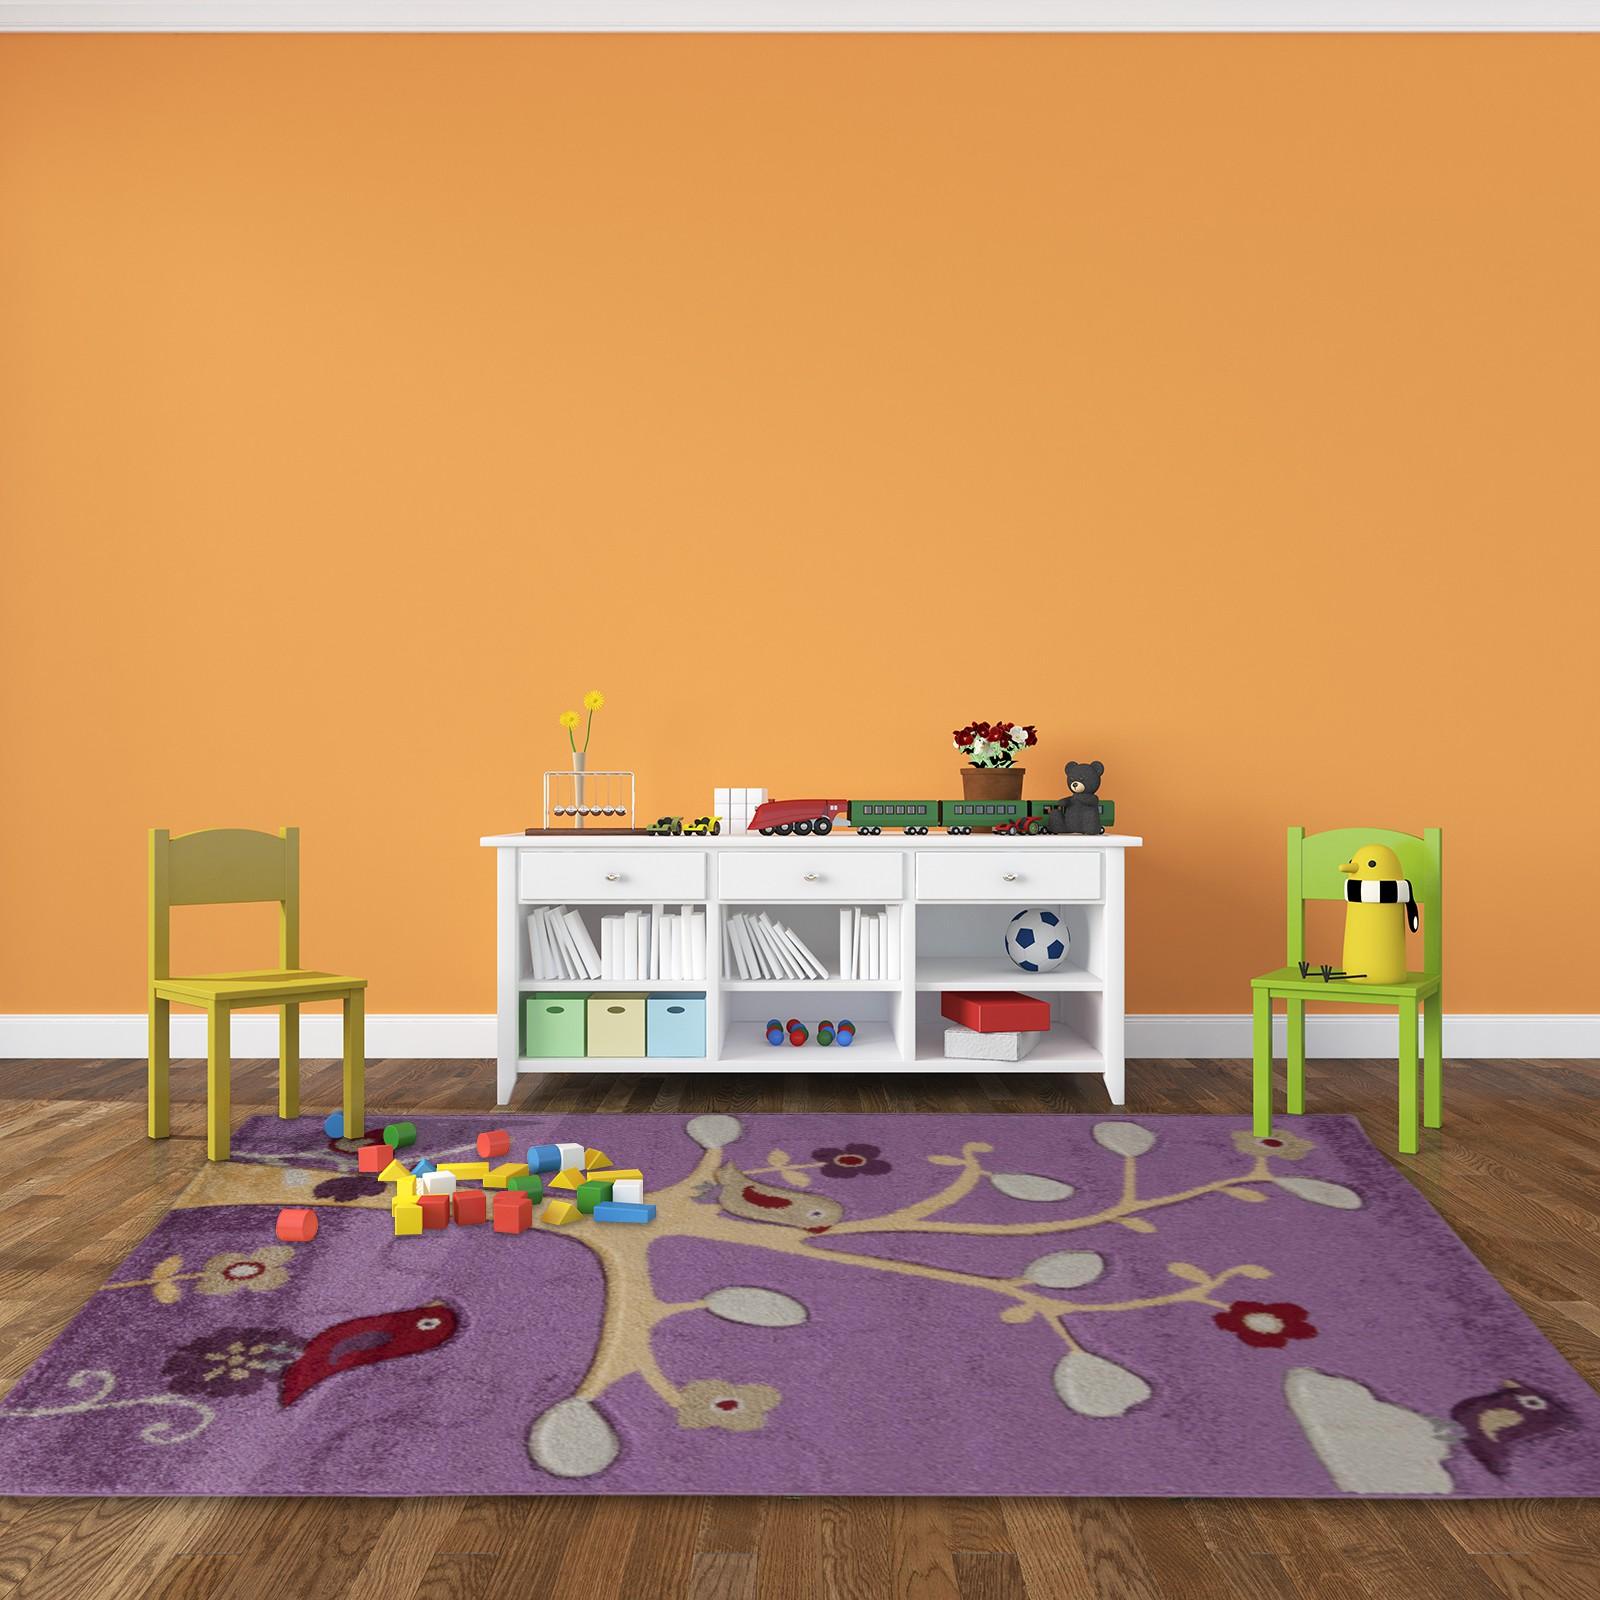 Tapis chambre bébé la redoute - Idées de tricot gratuit